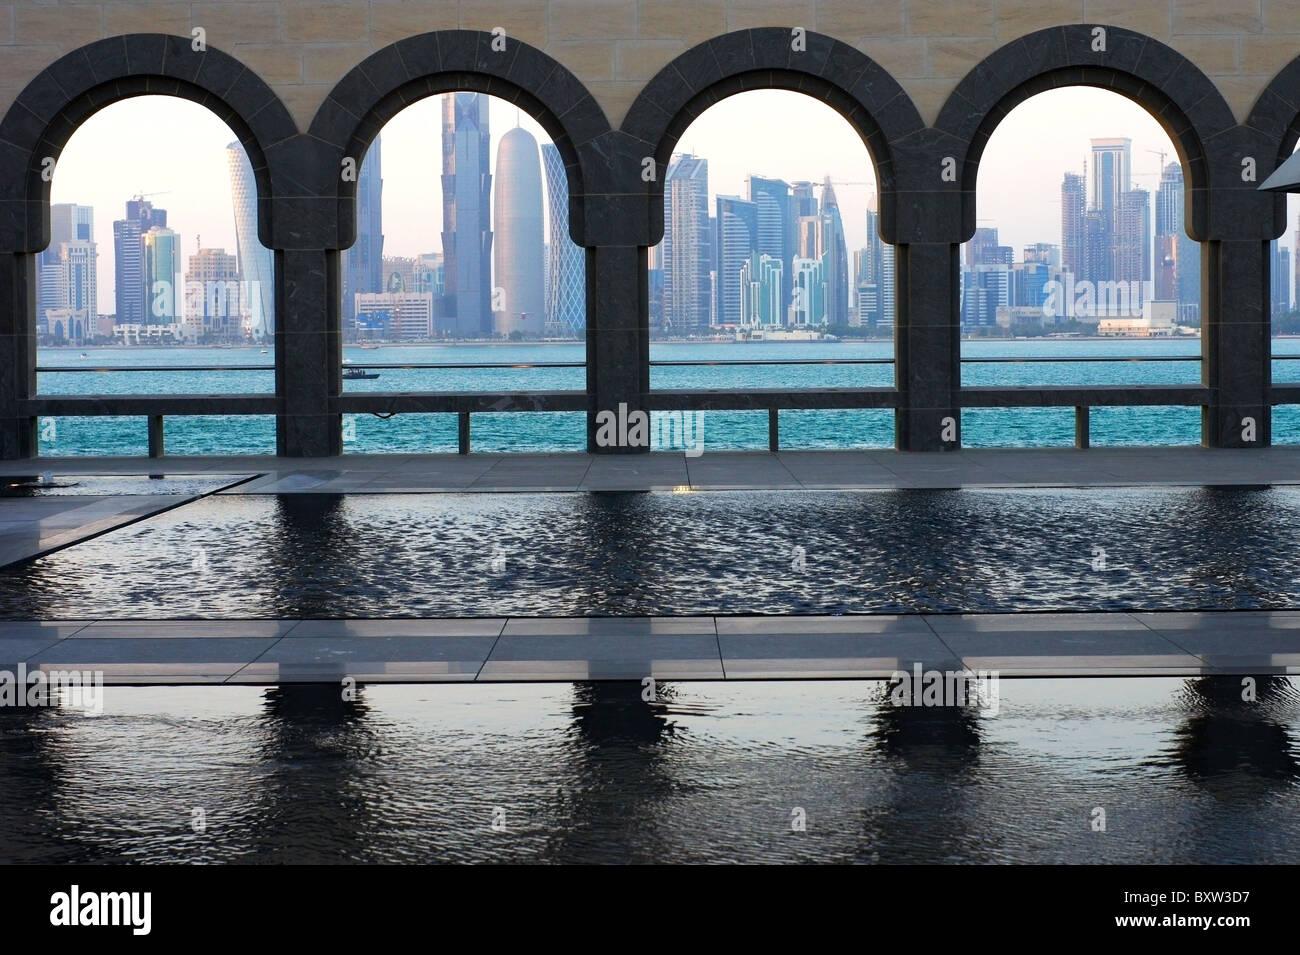 Lo skyline di Doha il Museo di Arte Islamica in Qatar Immagini Stock